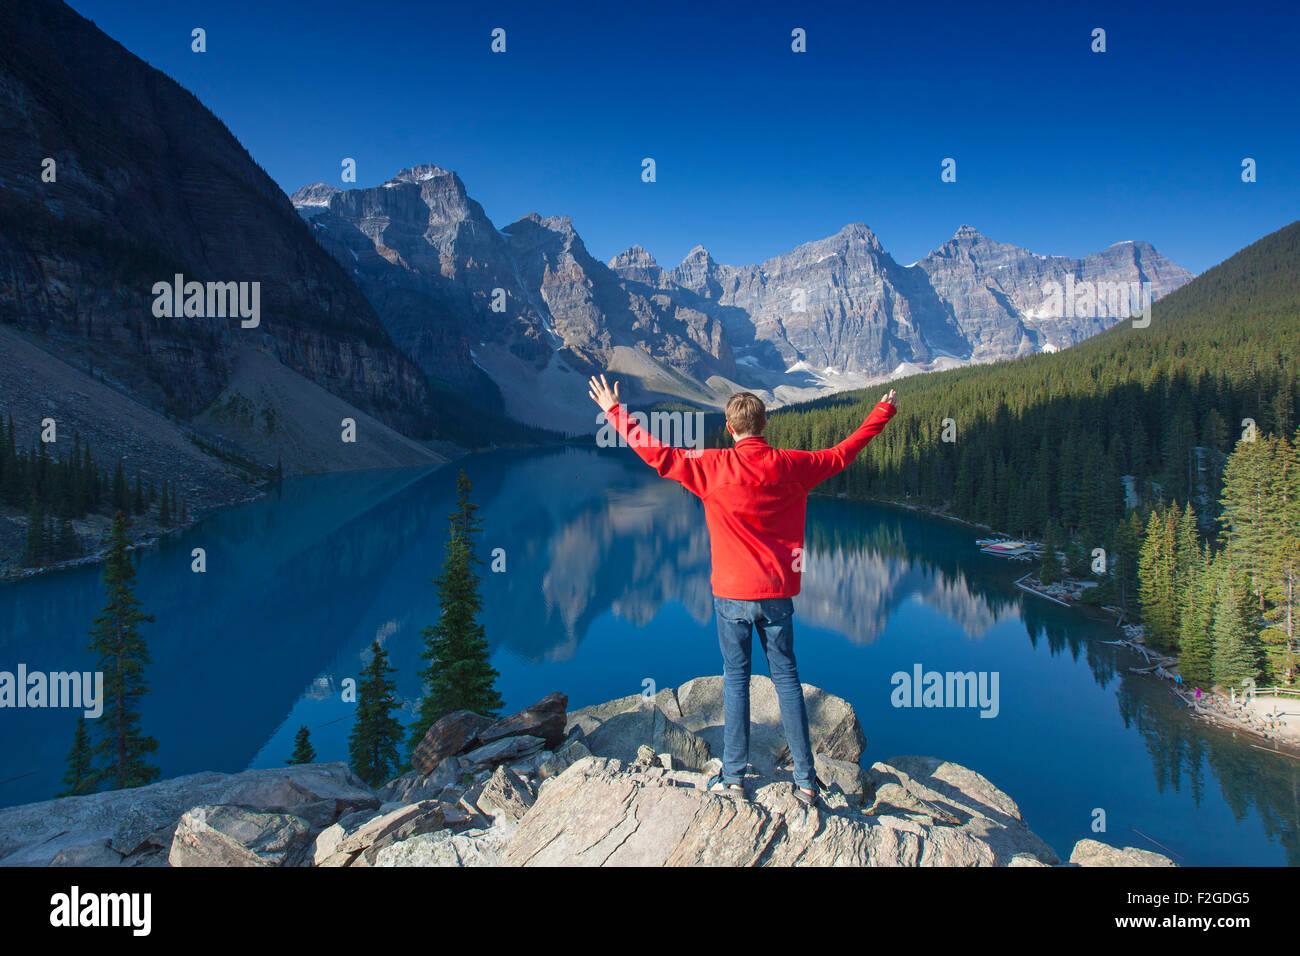 Turistico con le braccia aperte sul look-out point guardando sopra il Lago Moraine nella Valle dei Dieci Picchi, Immagini Stock